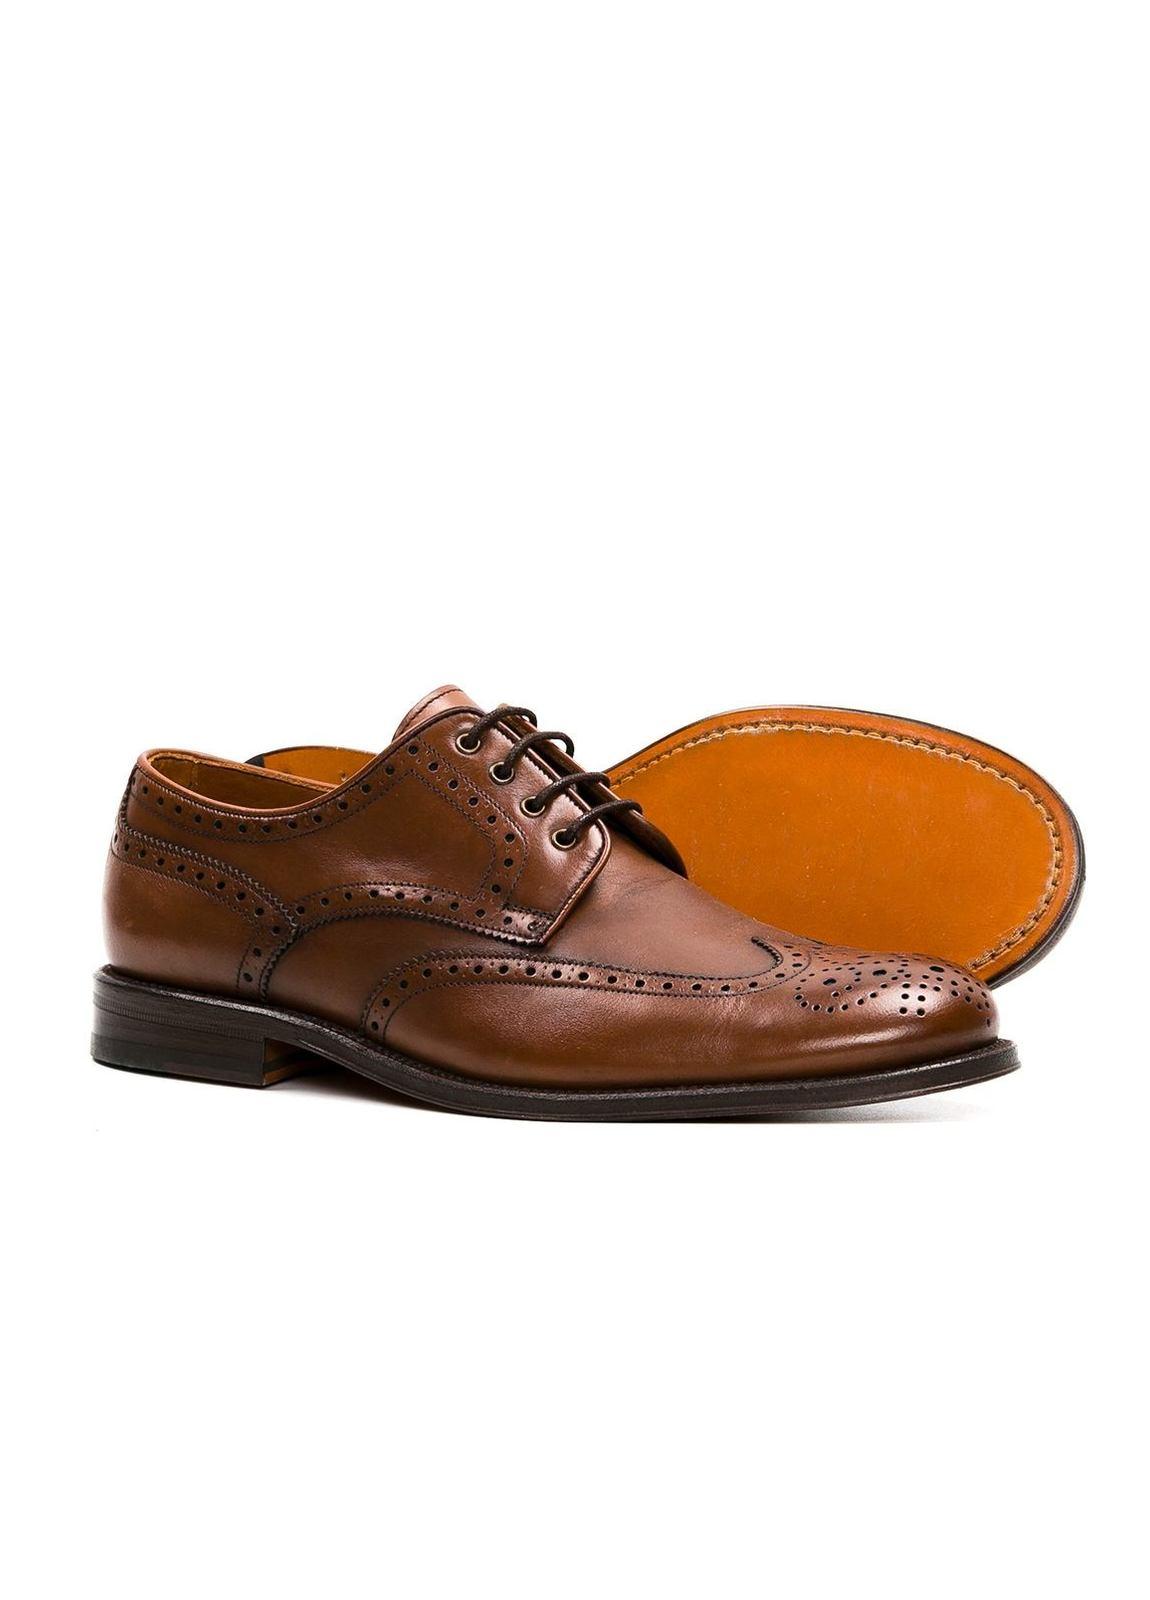 Zapato Formal Wear color marrón con detalles troquelados, 100% Piel. - Ítem2